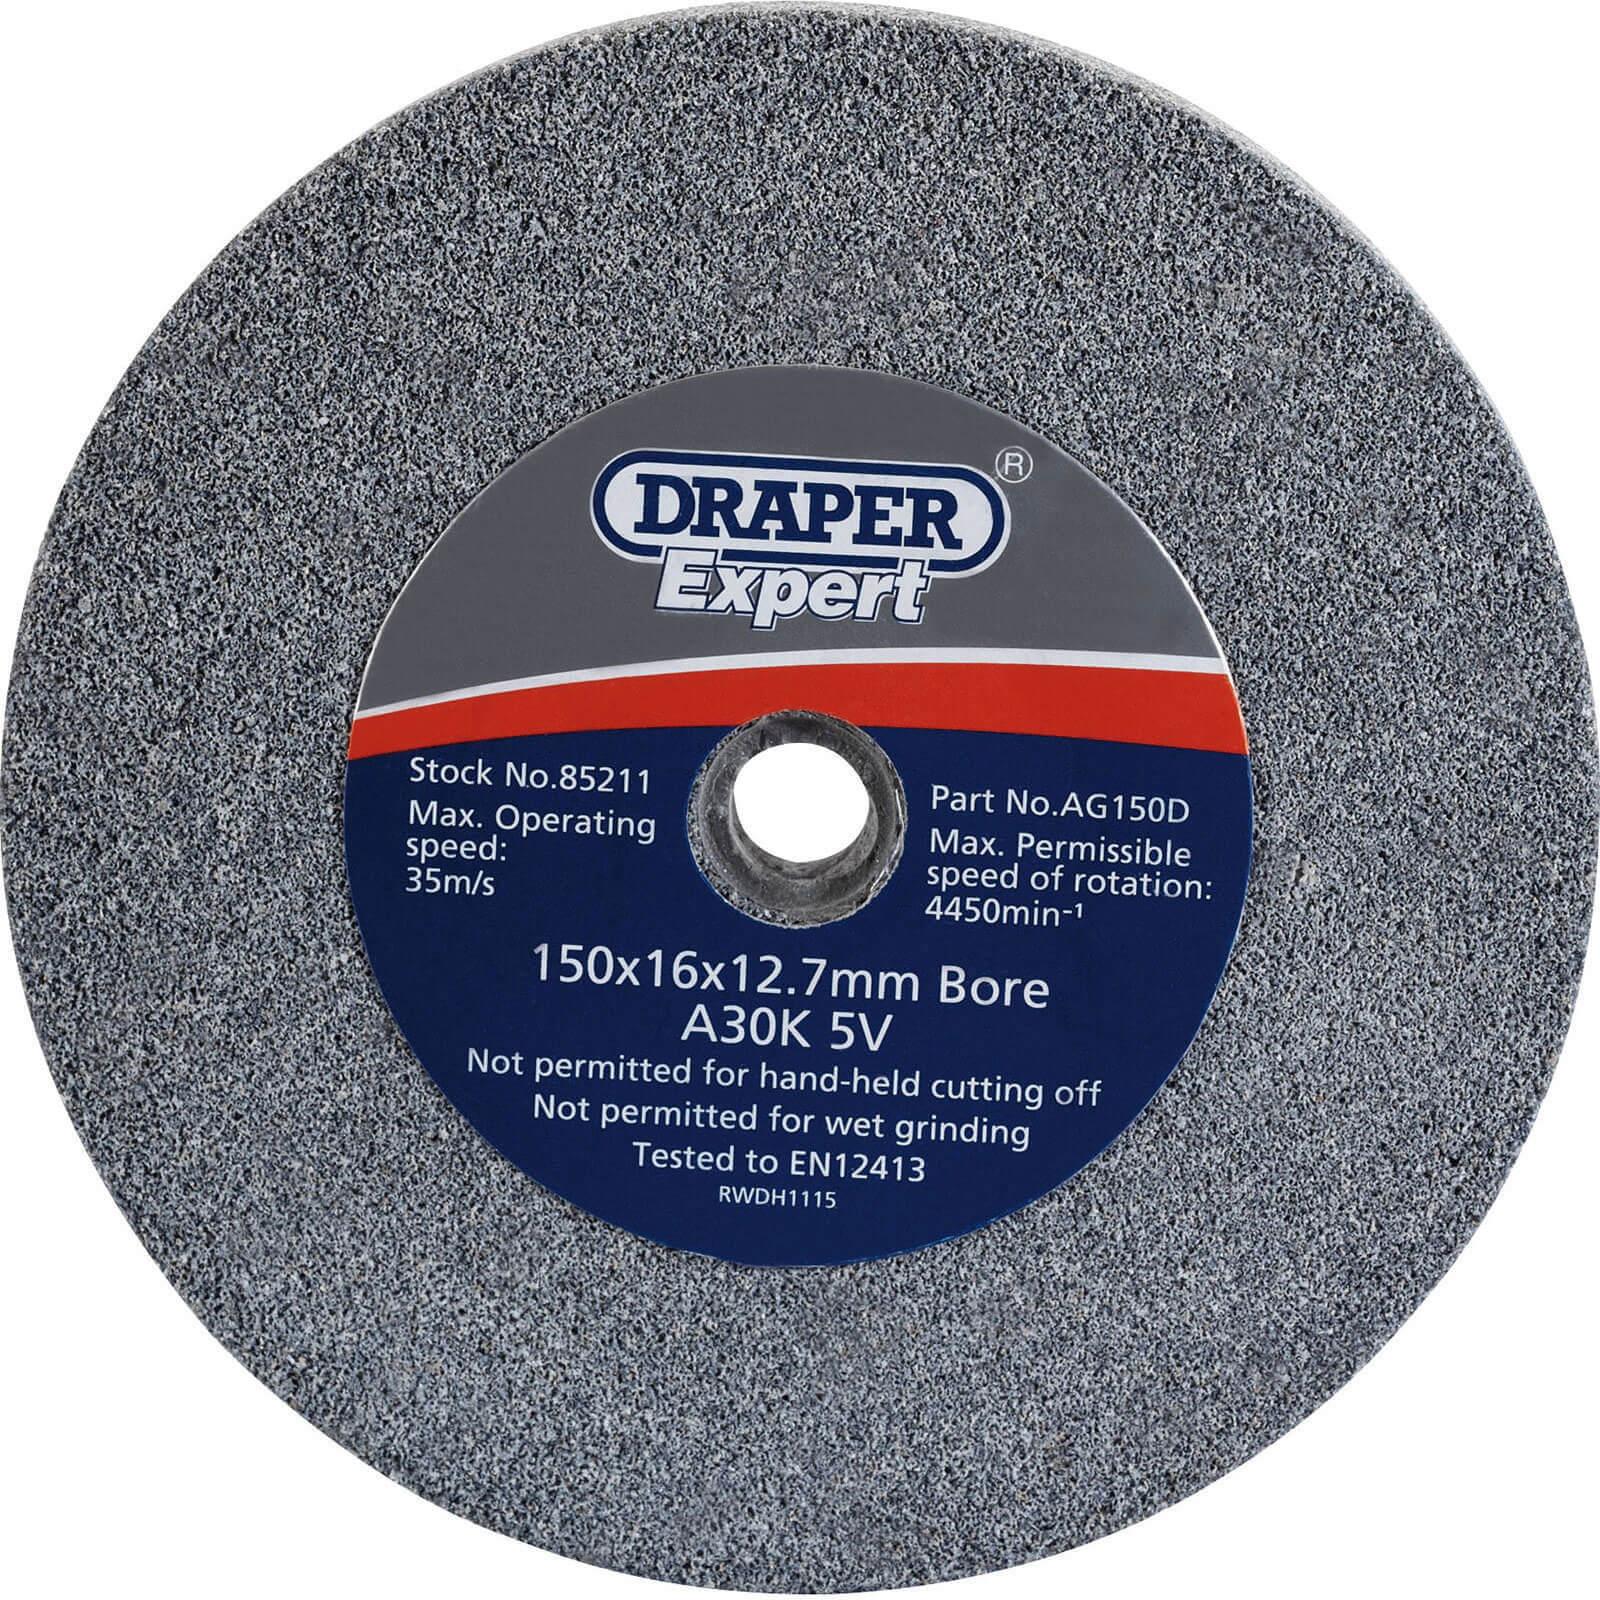 Image of Draper Expert Bench Grinding Wheel 150mm 16mm 36g